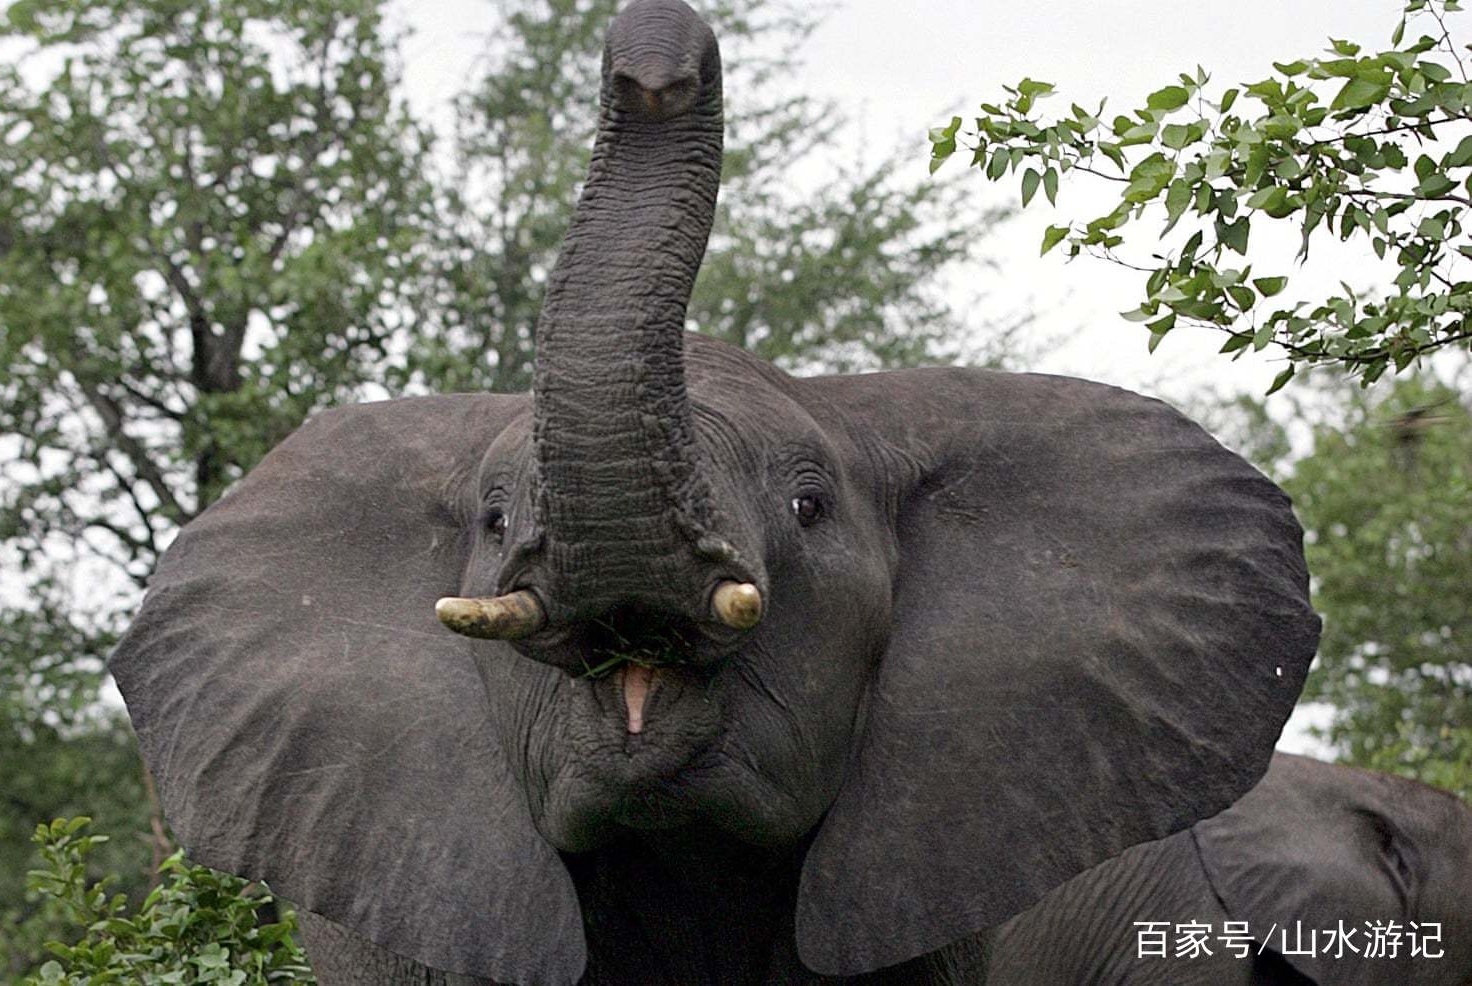 旅游趣闻:南非疑似犀牛偷猎者被大象杀死,然后被狮子吃掉